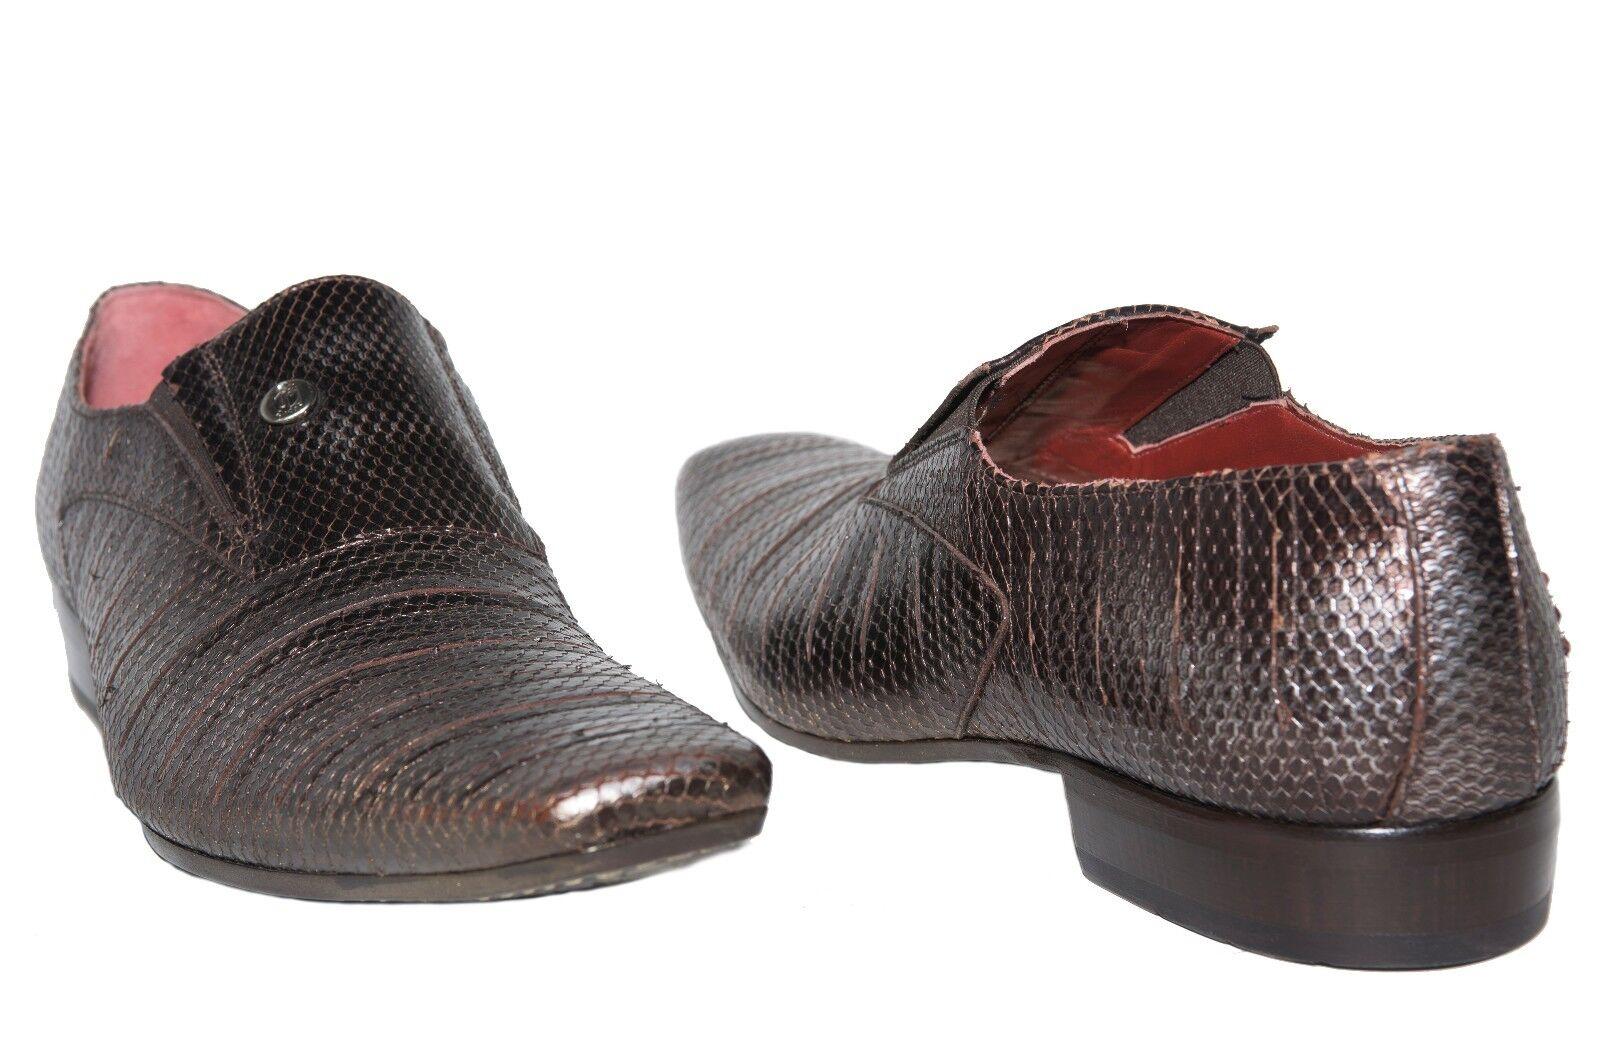 tutti i prodotti ottengono fino al 34% di sconto Jo Ghost 3604 3604 3604 Italian Uomo bronze leather slip on scarpe  negozio all'ingrosso